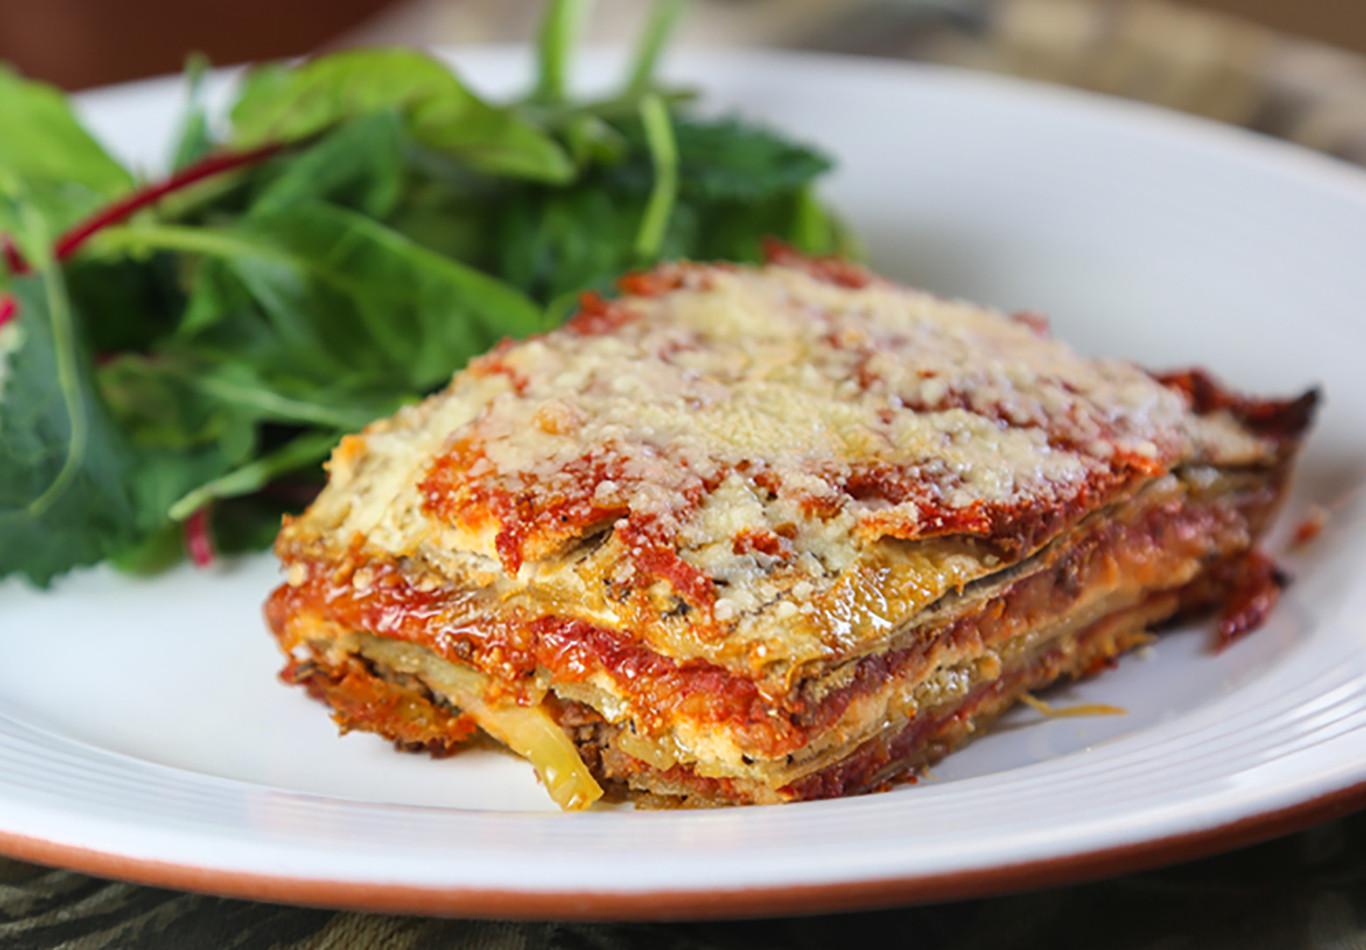 Eggplant Lasagna Healthy  Paleo Venison and Eggplant Lasagna Recipe